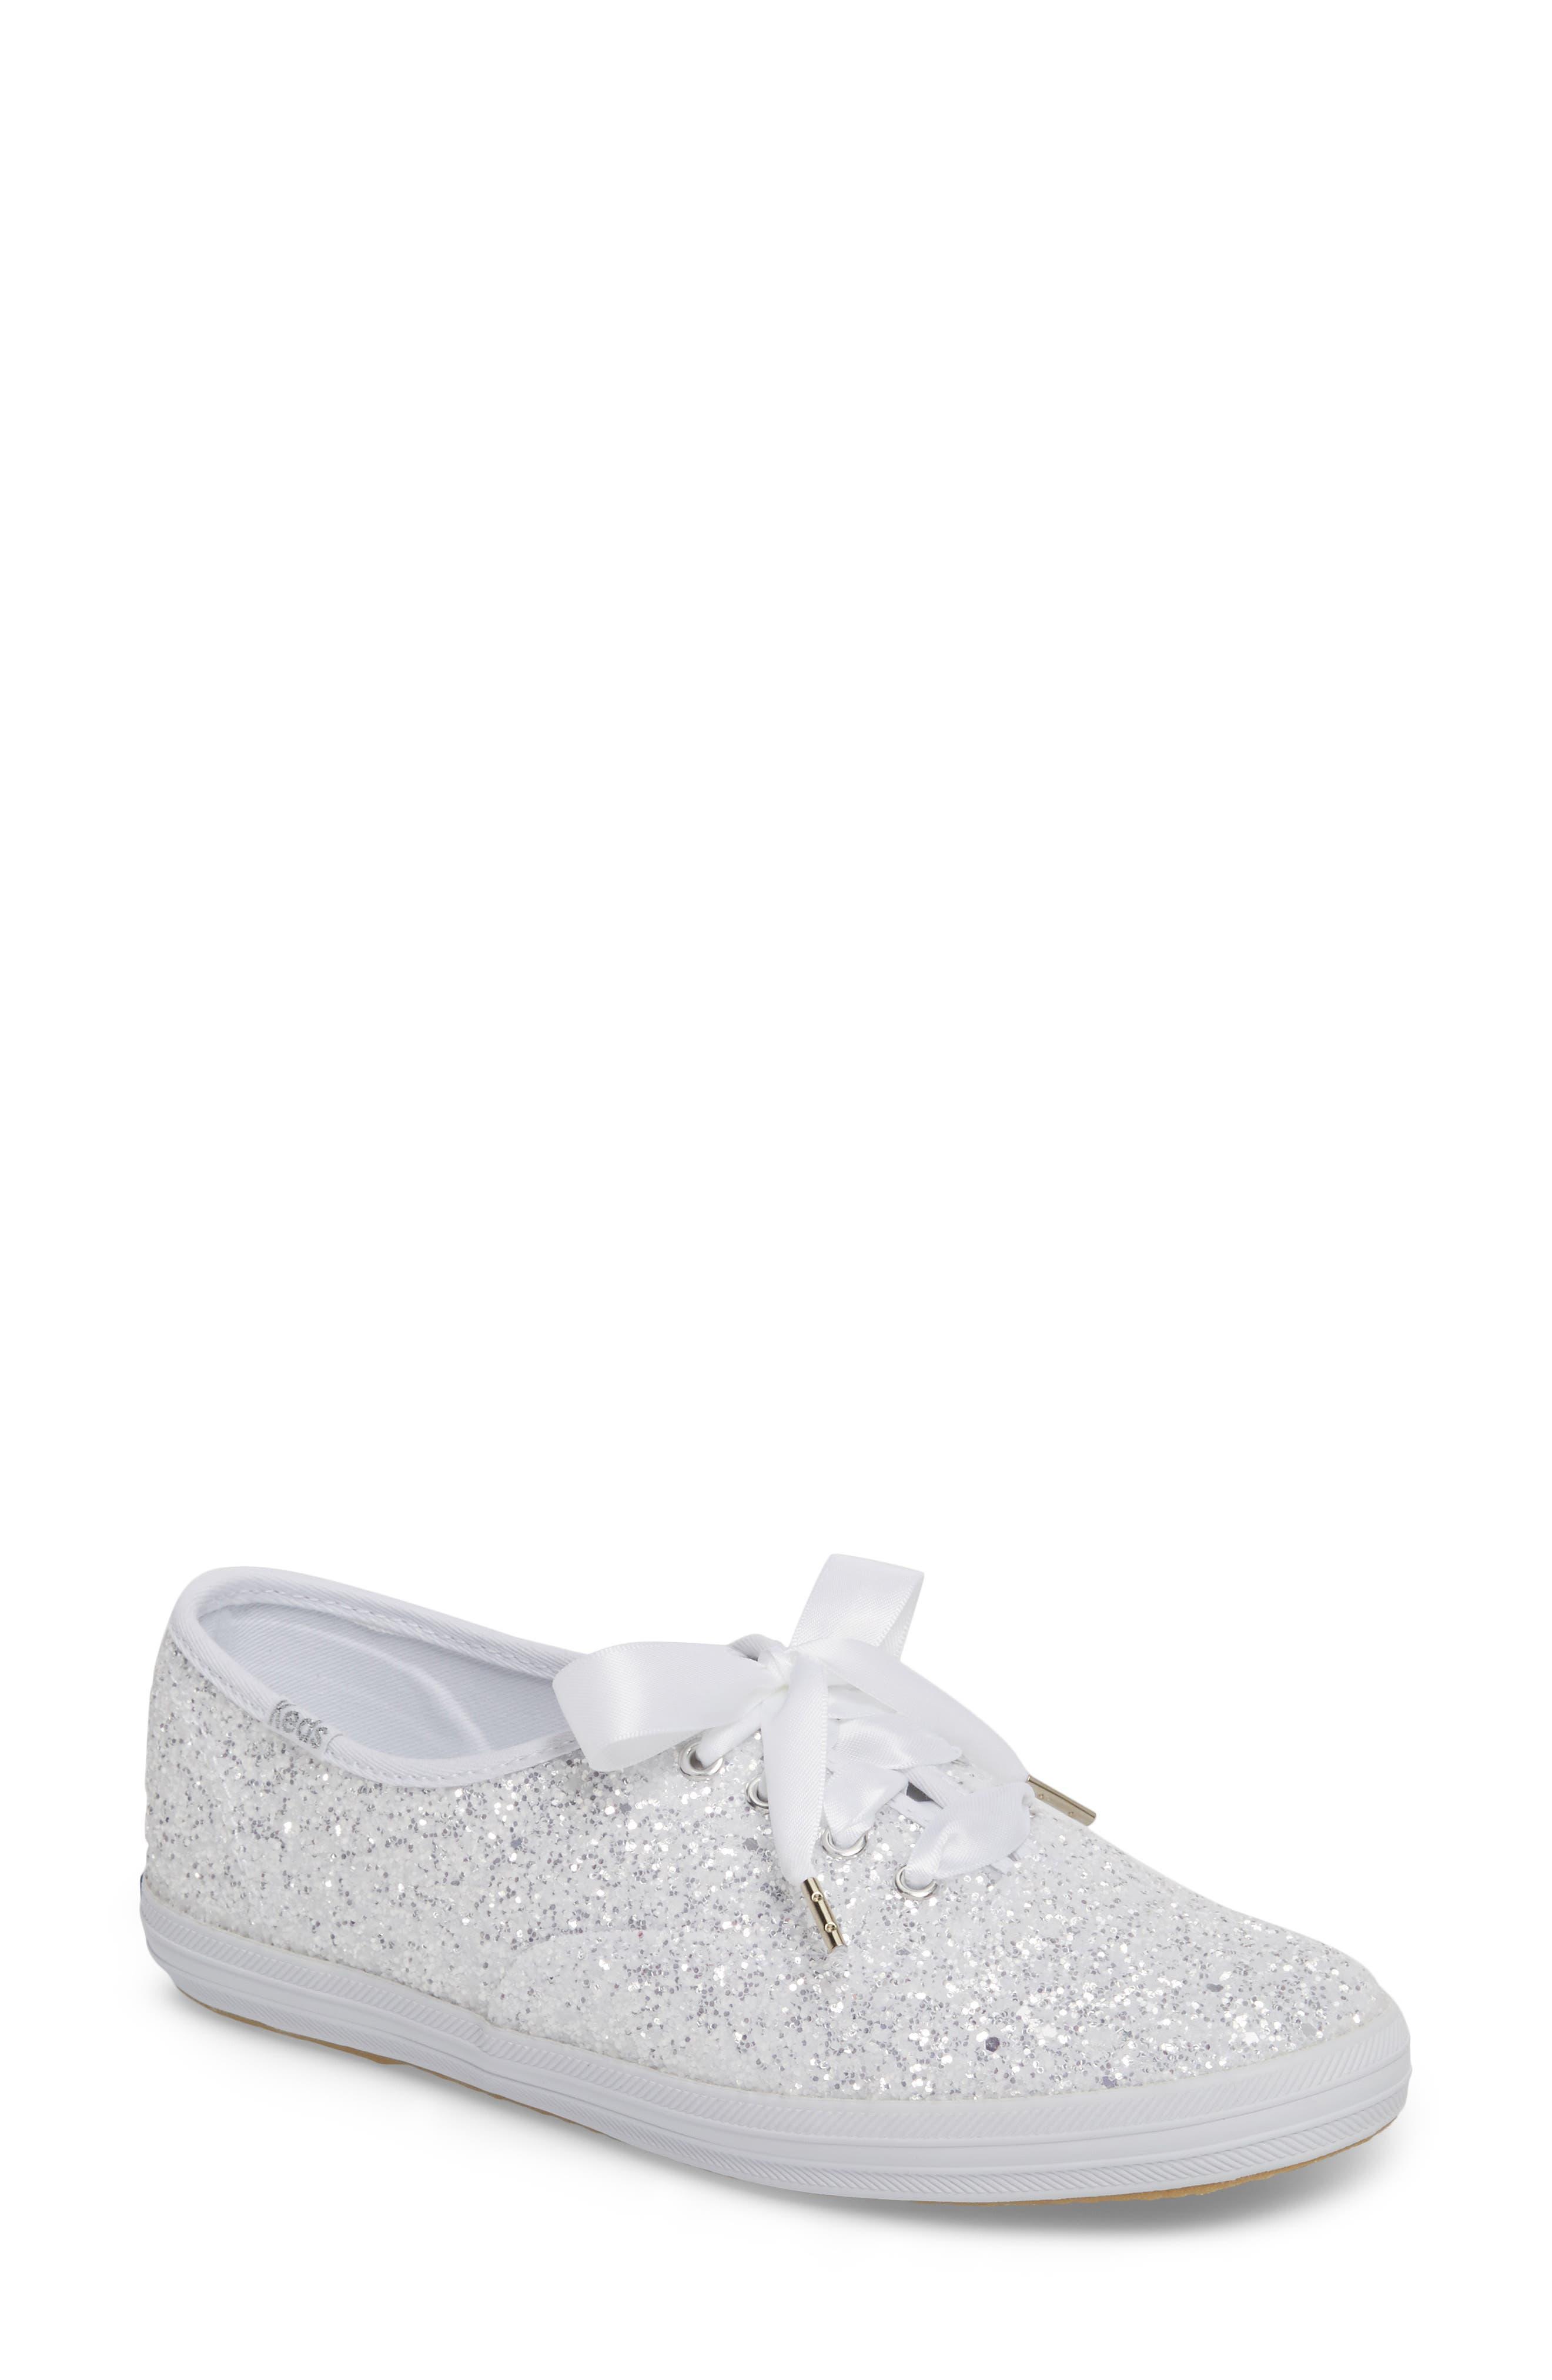 Main Image - Keds® for kate spade new york glitter sneaker (Women)